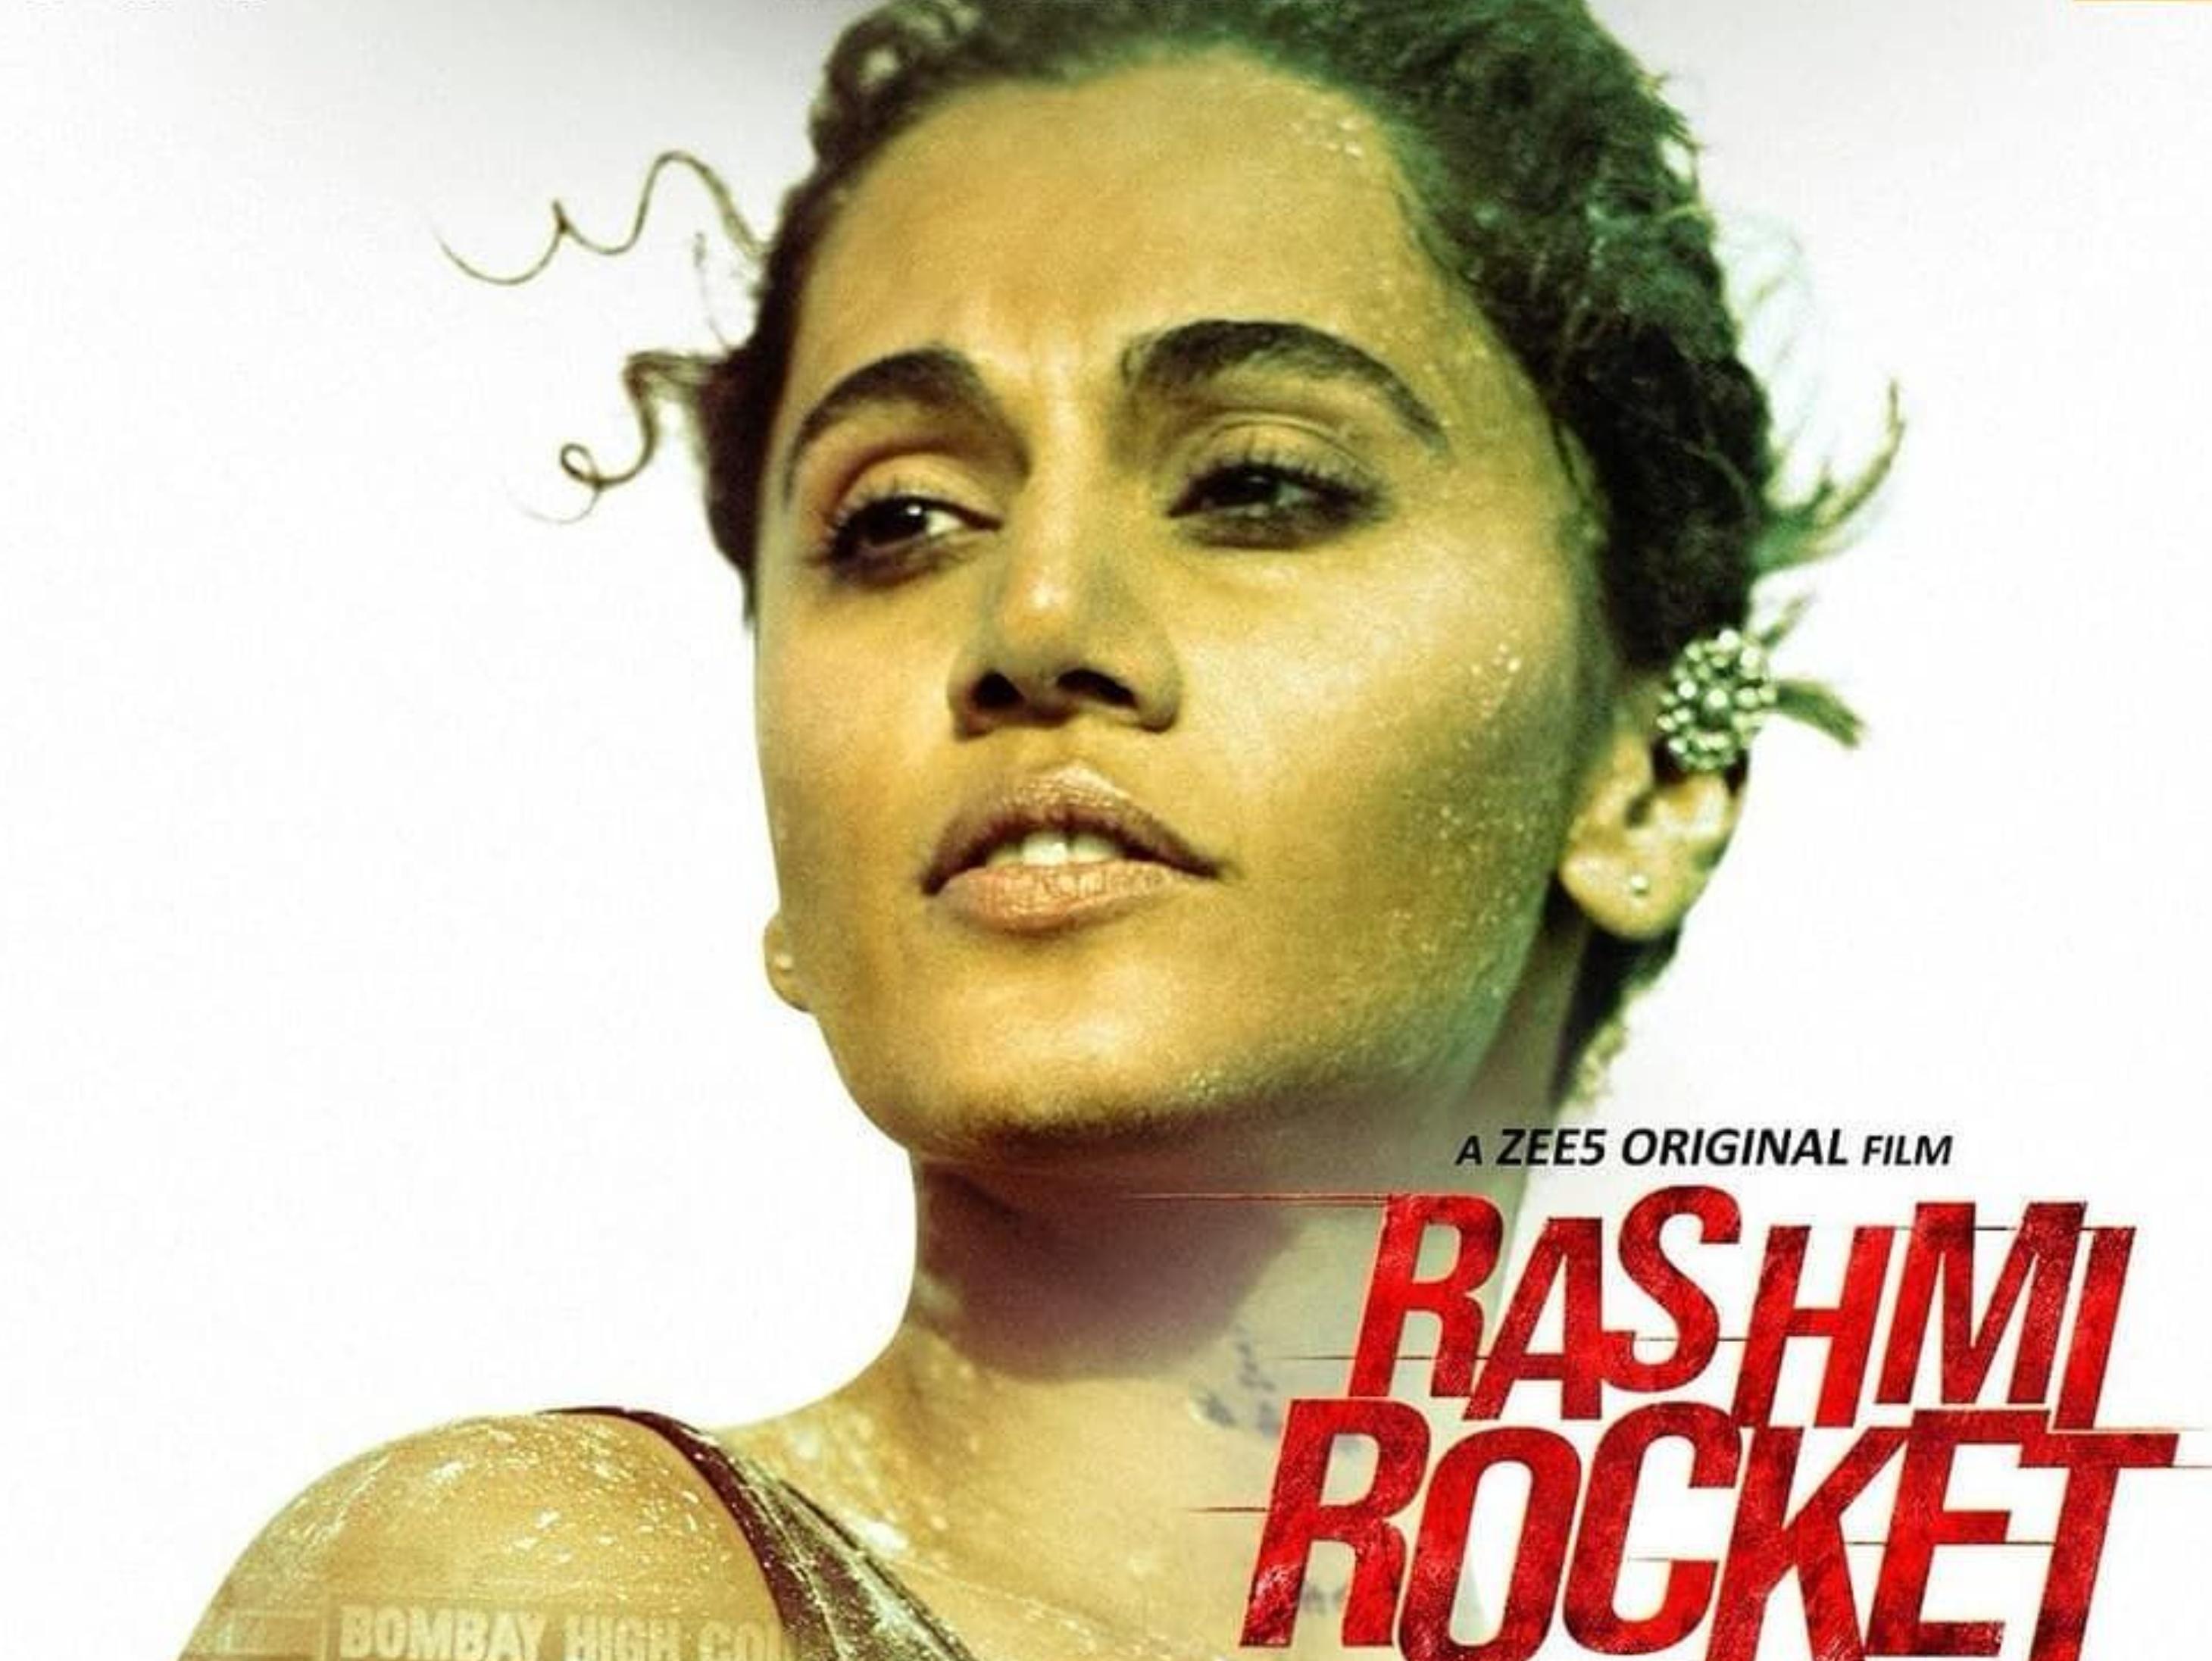 स्पोर्ट्स ड्रामा रश्मि रॉकेट में दिखा तापसी पन्नू का हार्ड हिटिंग लुक, अब तक के सबसे फिट अवतार में दिखीं एक्ट्रेस बॉलीवुड,Bollywood - Dainik Bhaskar